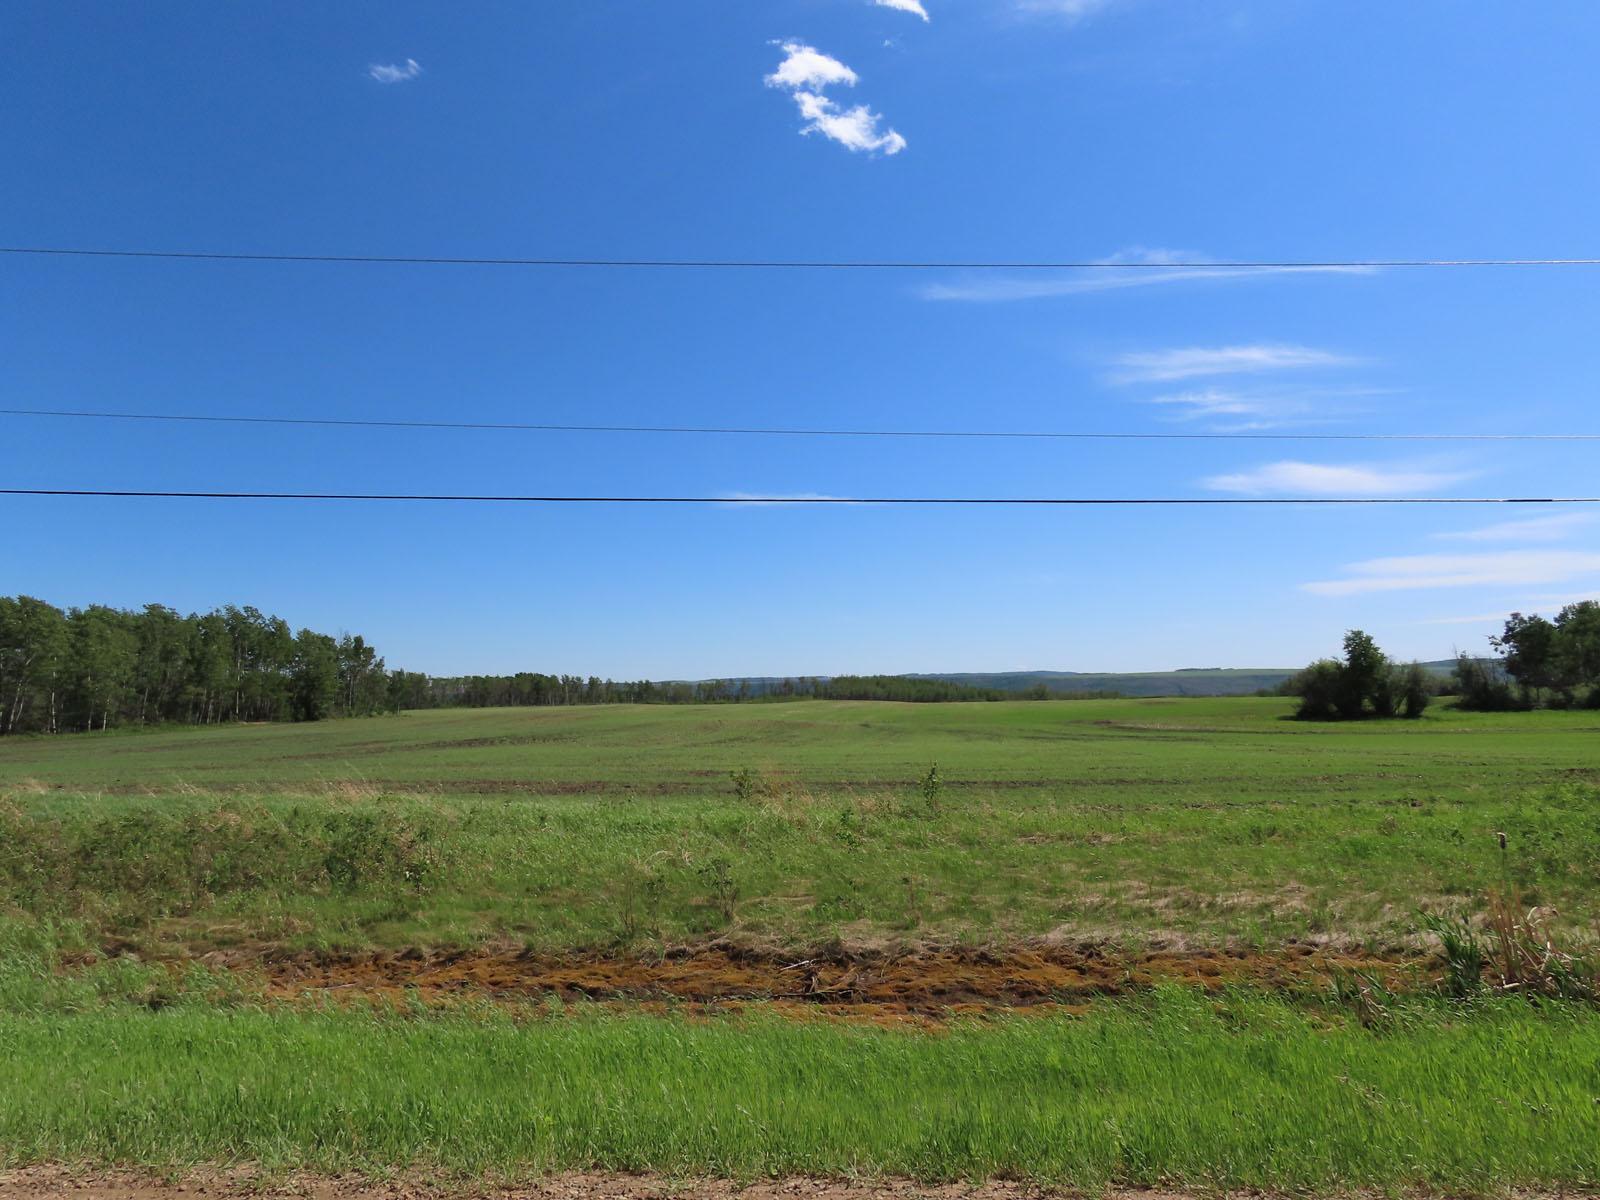 Fort st john grain farm 050